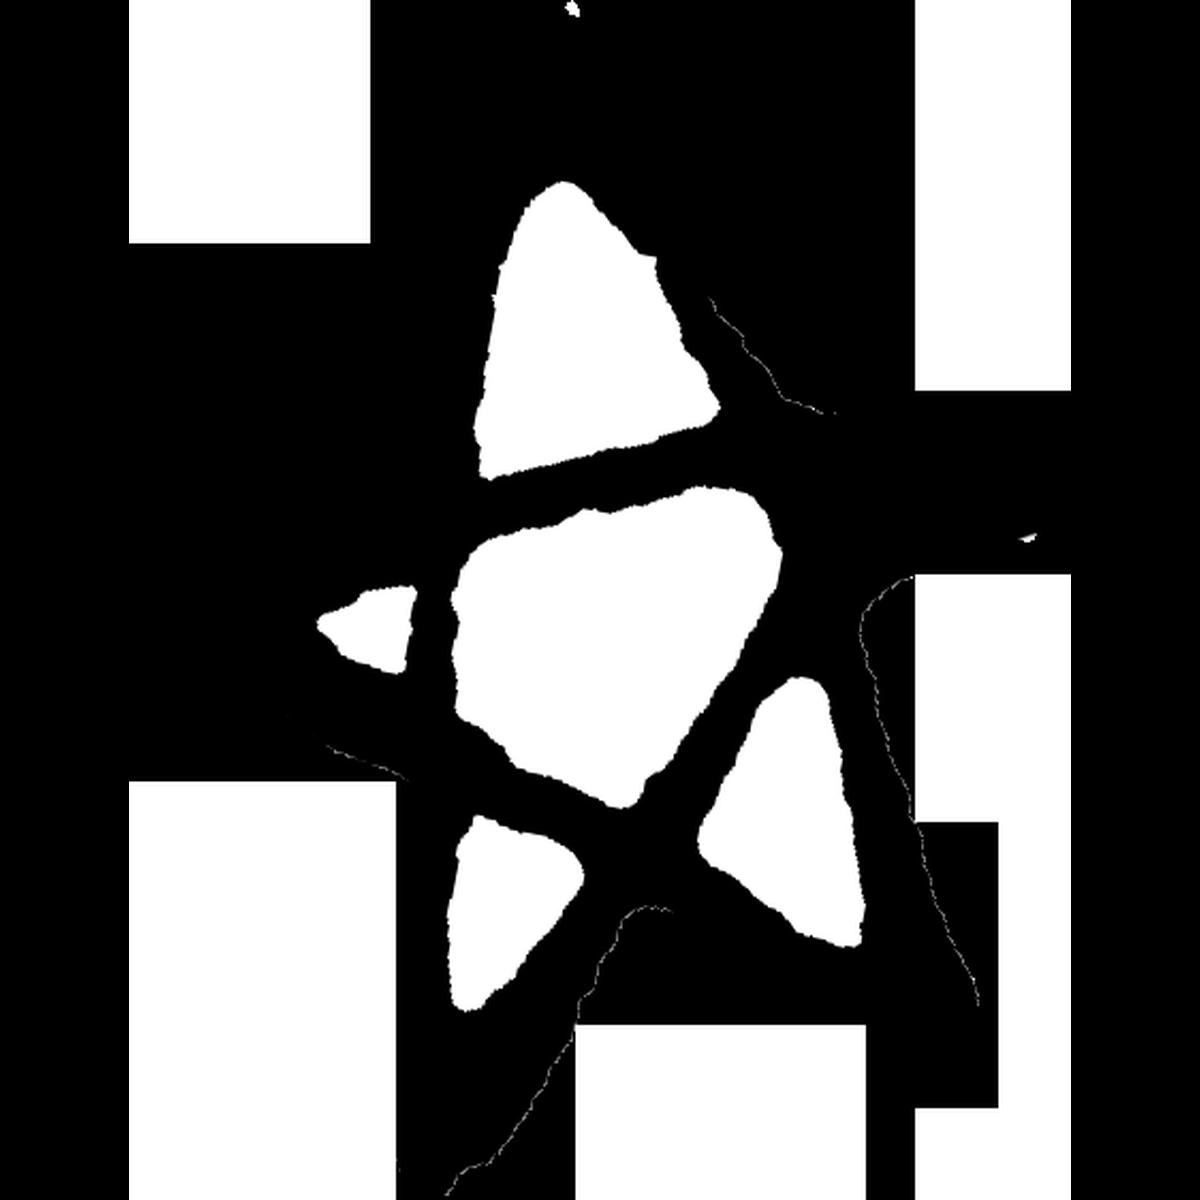 星印(線)3のイラスト Stars mark 1 Illust